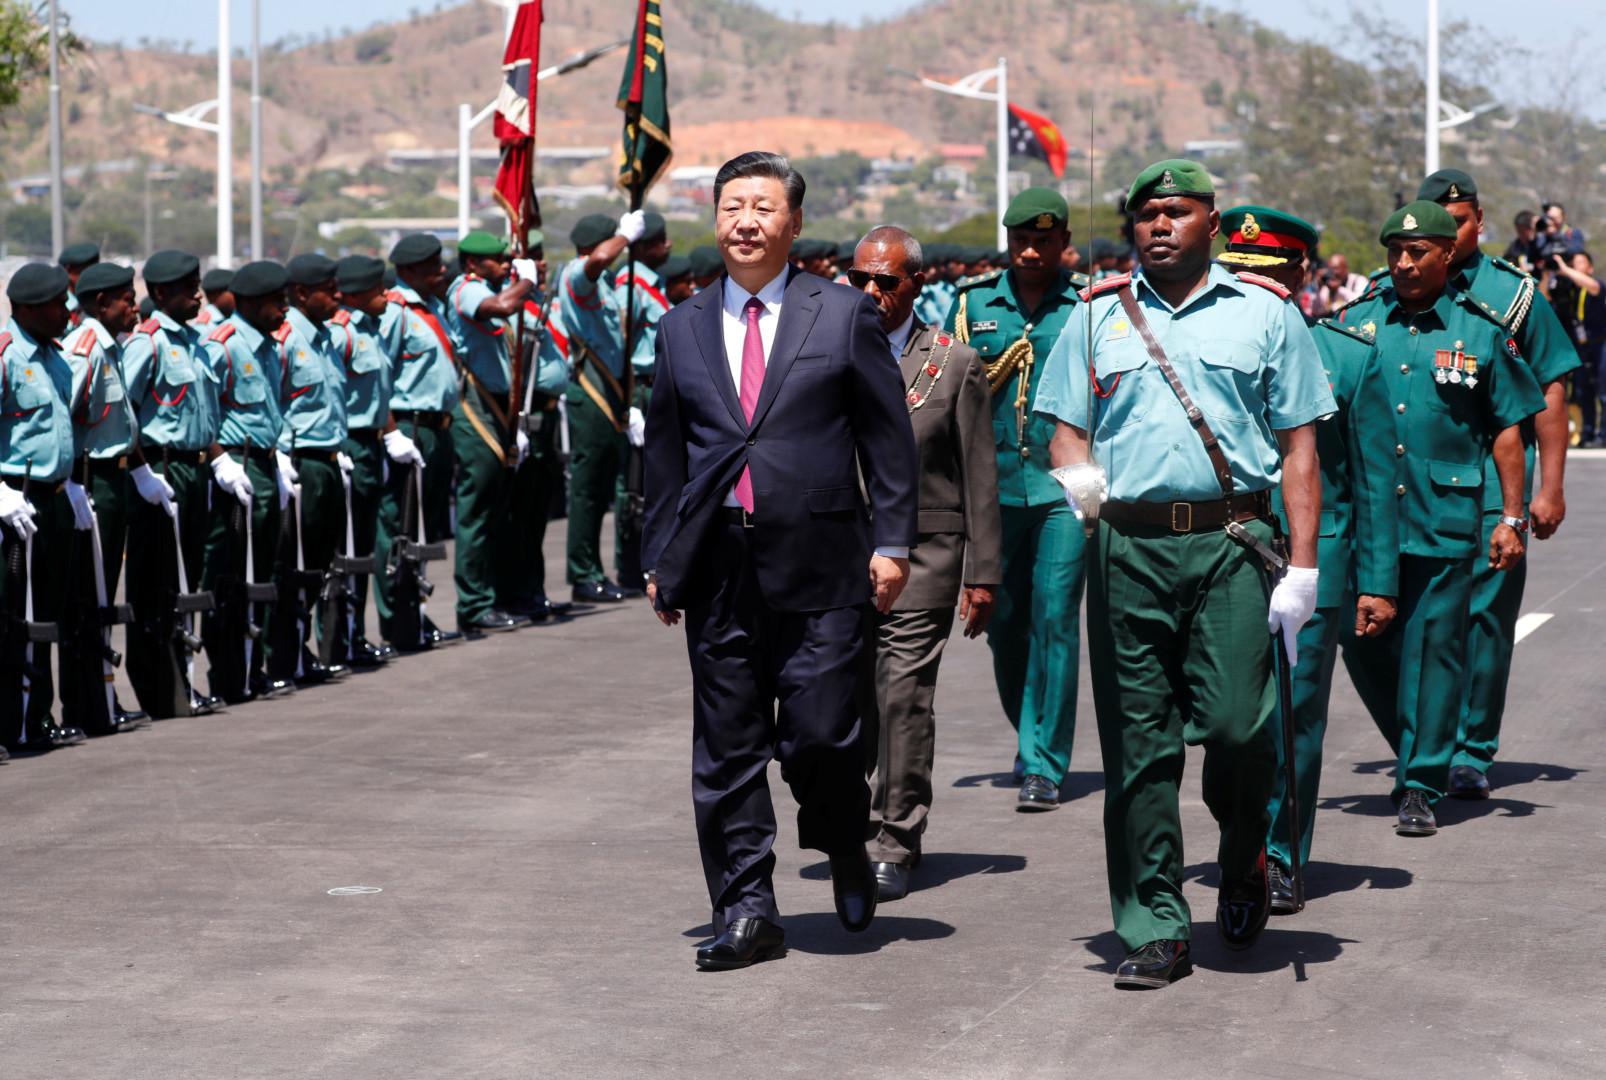 習近平就任後提出一帶一路,擴大中國與歐亞非三洲商貿。(亞新社)